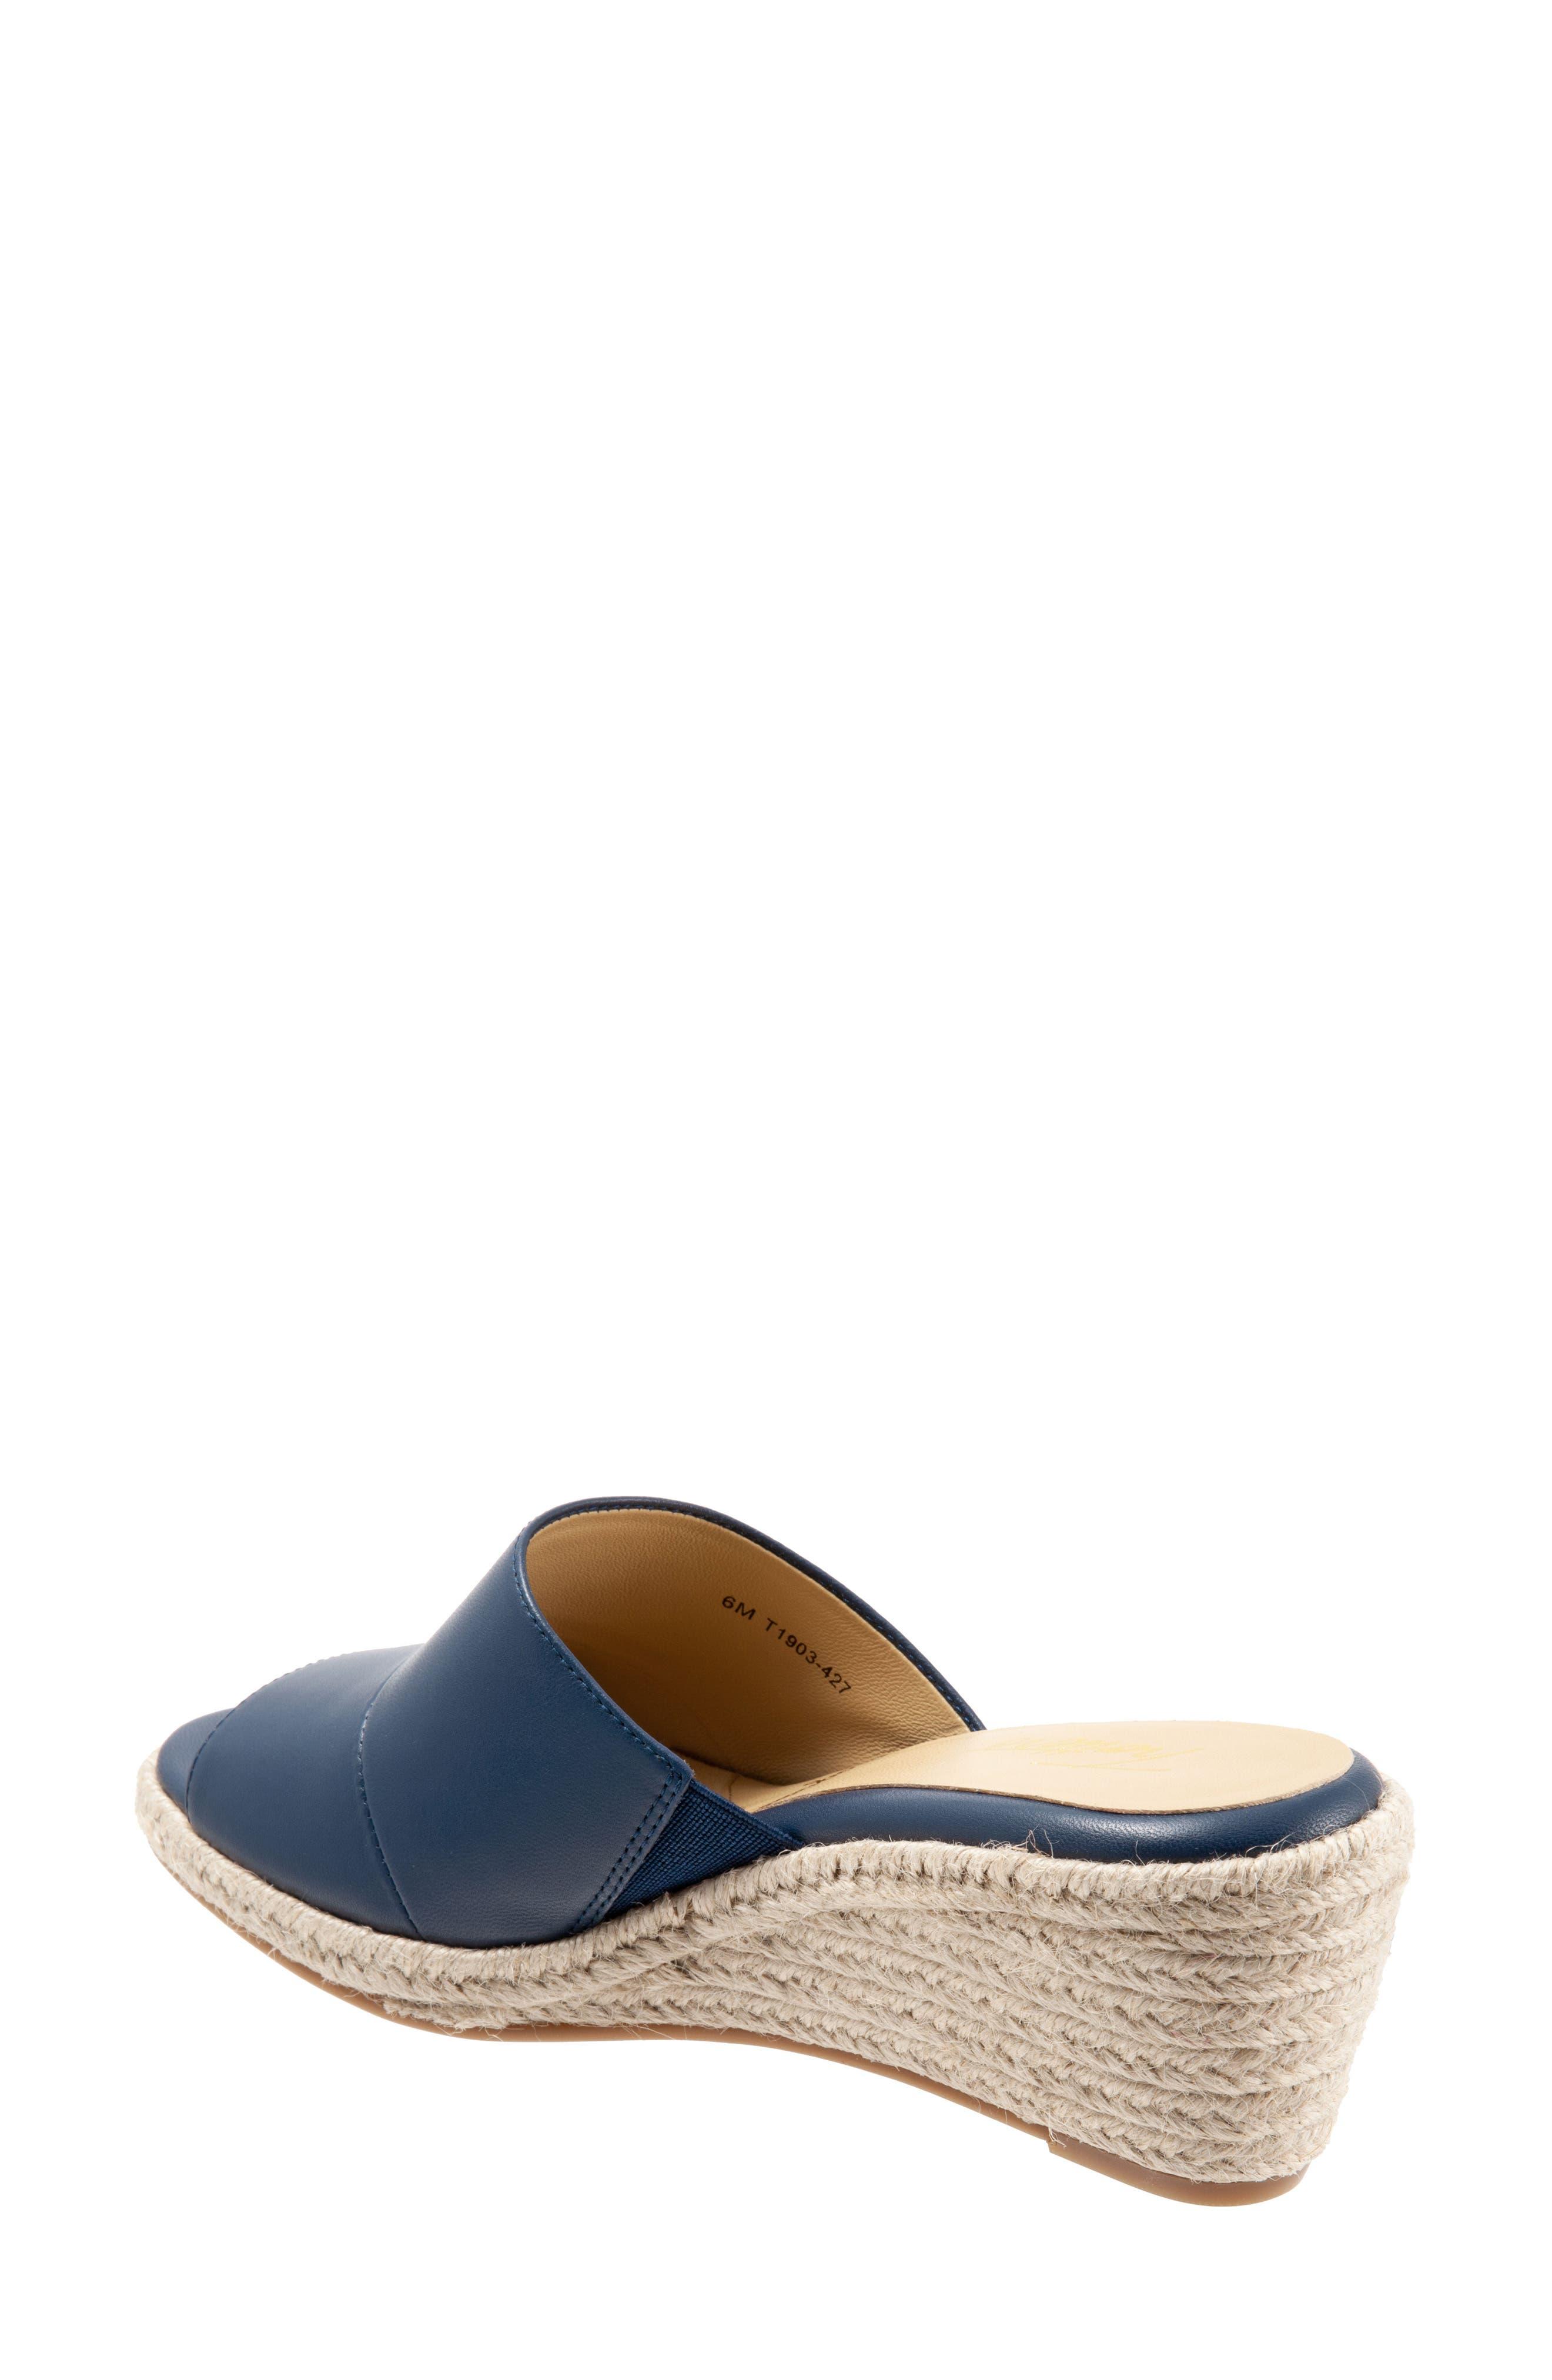 f95b4e611ed Women s Trotters Sandals